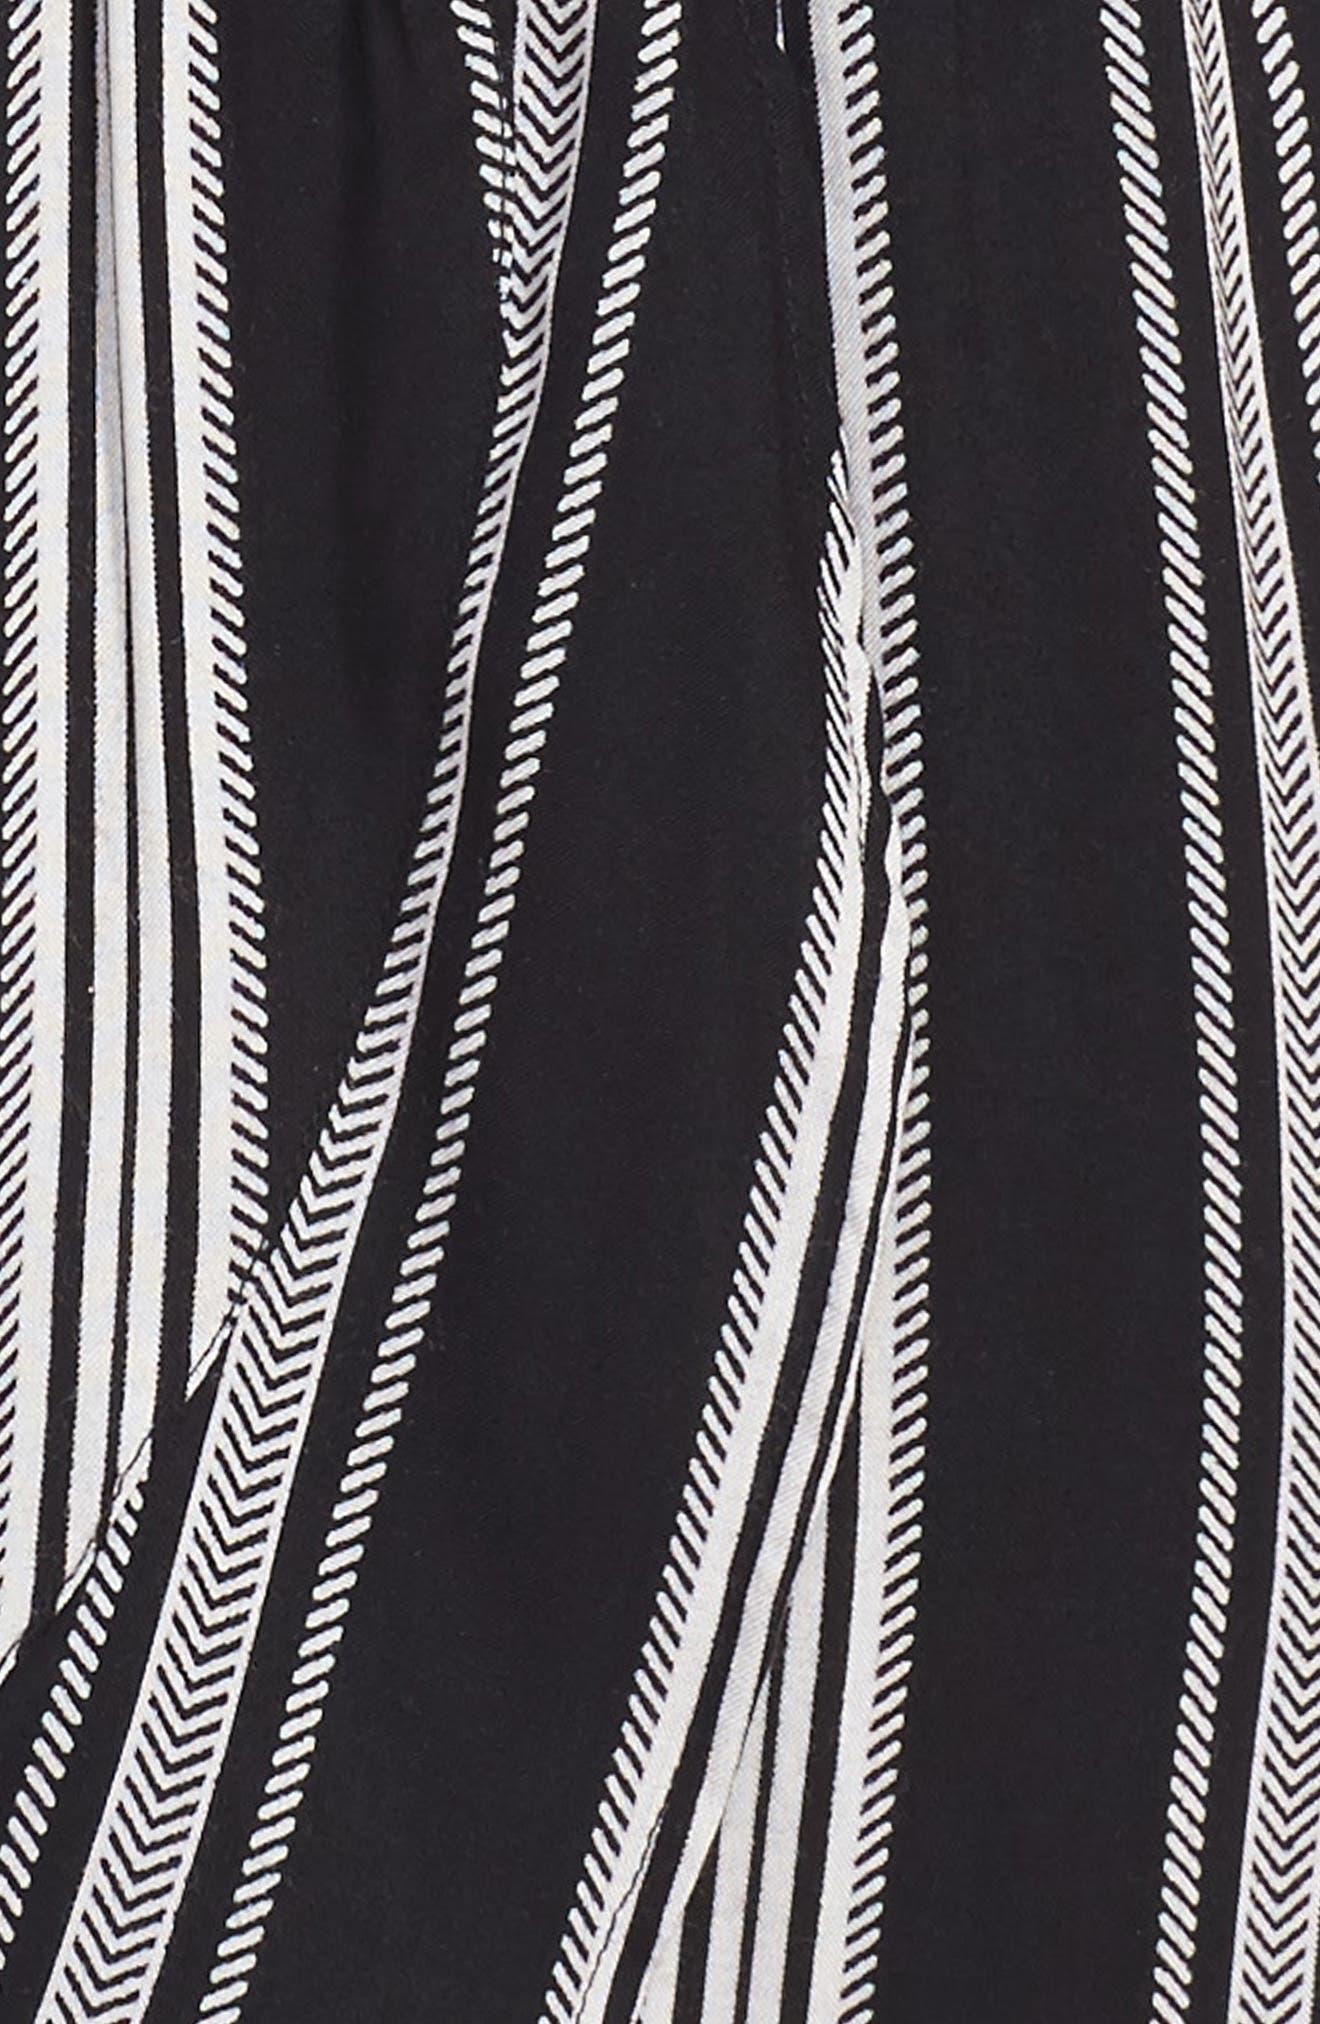 Stripe Flutter Sleeve Dress,                             Alternate thumbnail 3, color,